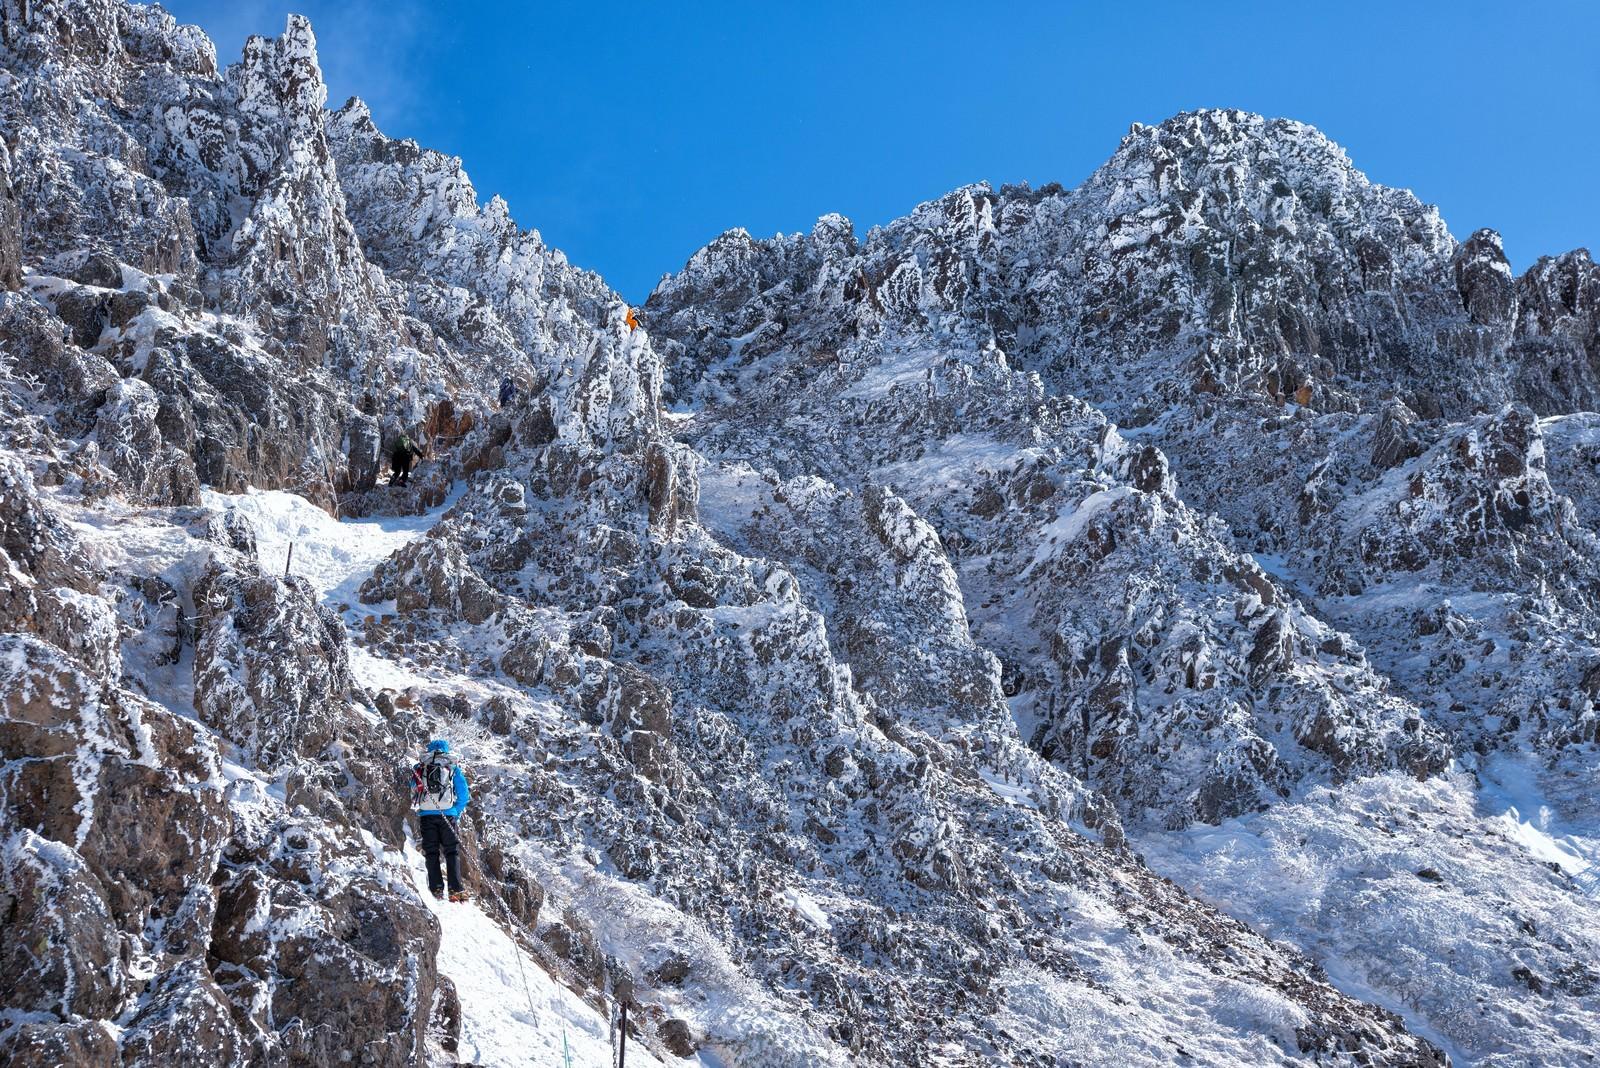 「岩と氷の山に挑戦する登山者岩と氷の山に挑戦する登山者」のフリー写真素材を拡大